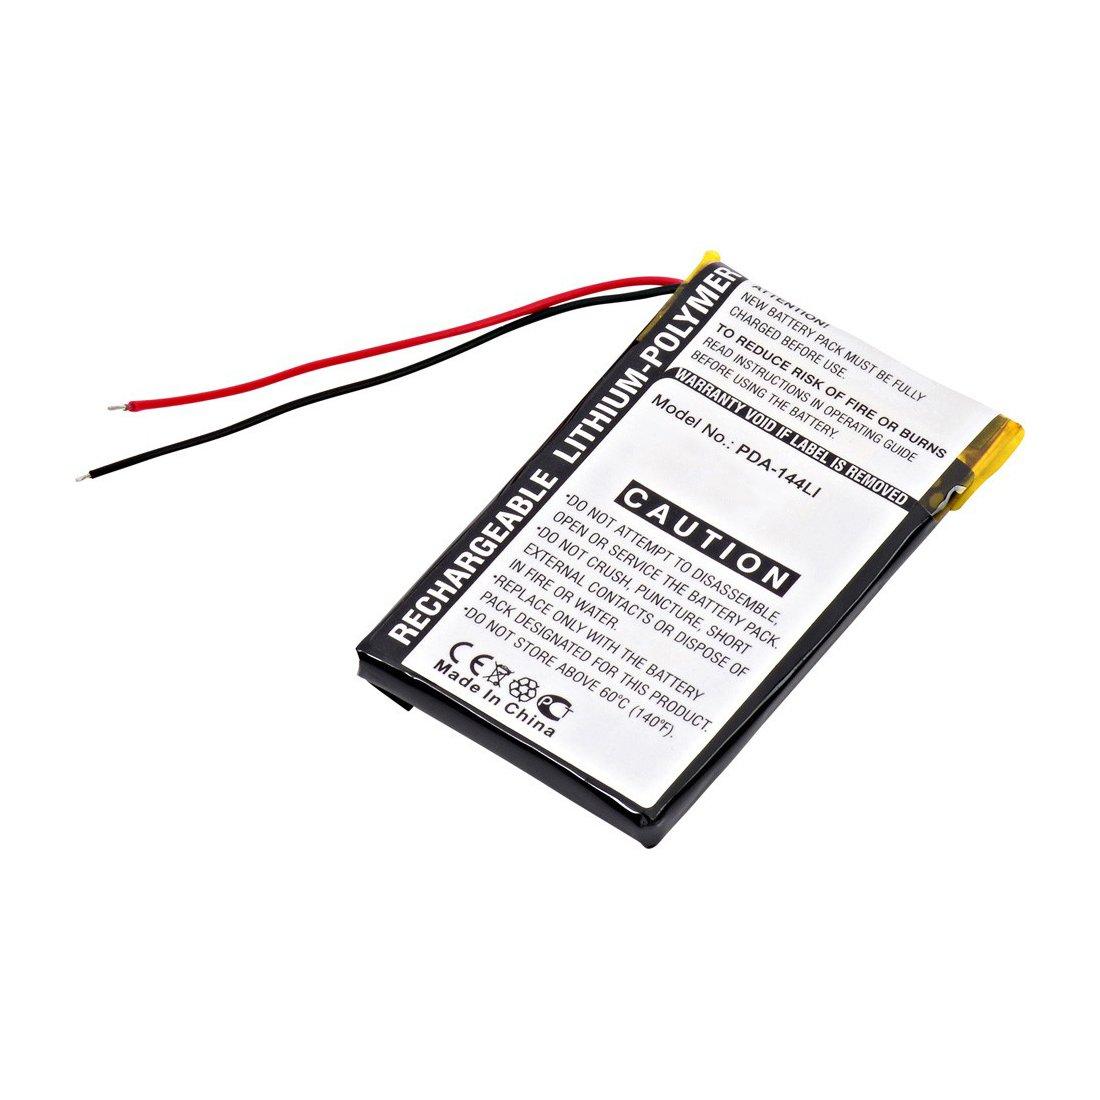 Palm Tx Tungsten T5 X Pda Battery Batterymart